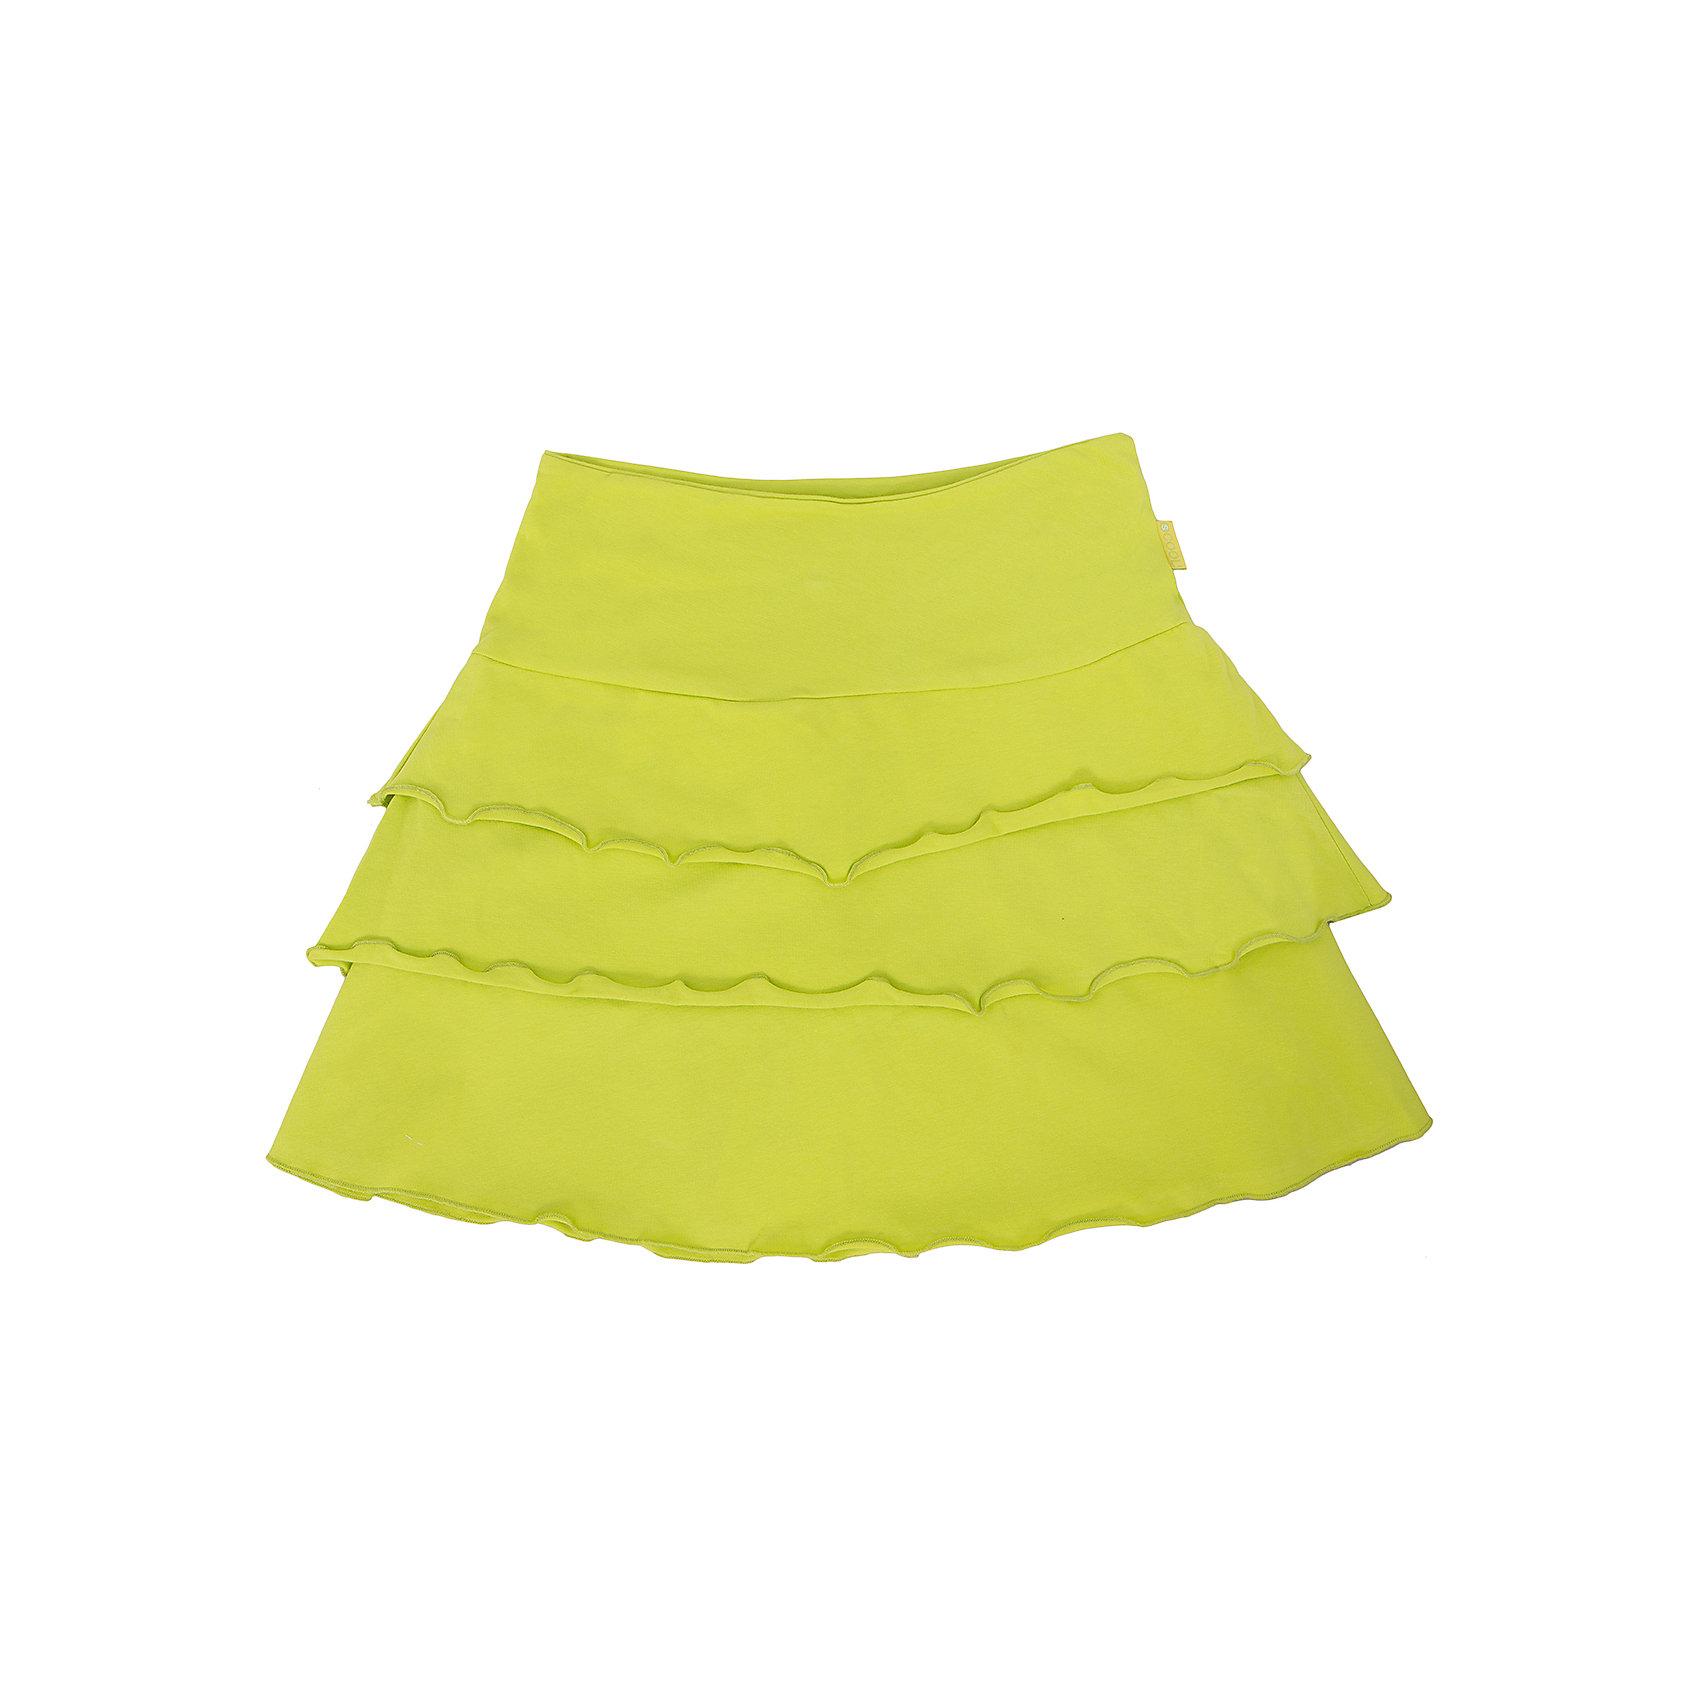 Юбка ScoolЮбки<br>Яркая юбка-солнце лимонно-лаймового цвета. Легкая и воздушная. Пояс на мягкой резинке. Состав: 95% хлопок, 5% эластан<br><br>Ширина мм: 207<br>Глубина мм: 10<br>Высота мм: 189<br>Вес г: 183<br>Цвет: зеленый<br>Возраст от месяцев: 132<br>Возраст до месяцев: 144<br>Пол: Женский<br>Возраст: Детский<br>Размер: 152,140,134,146,164,158<br>SKU: 4652339